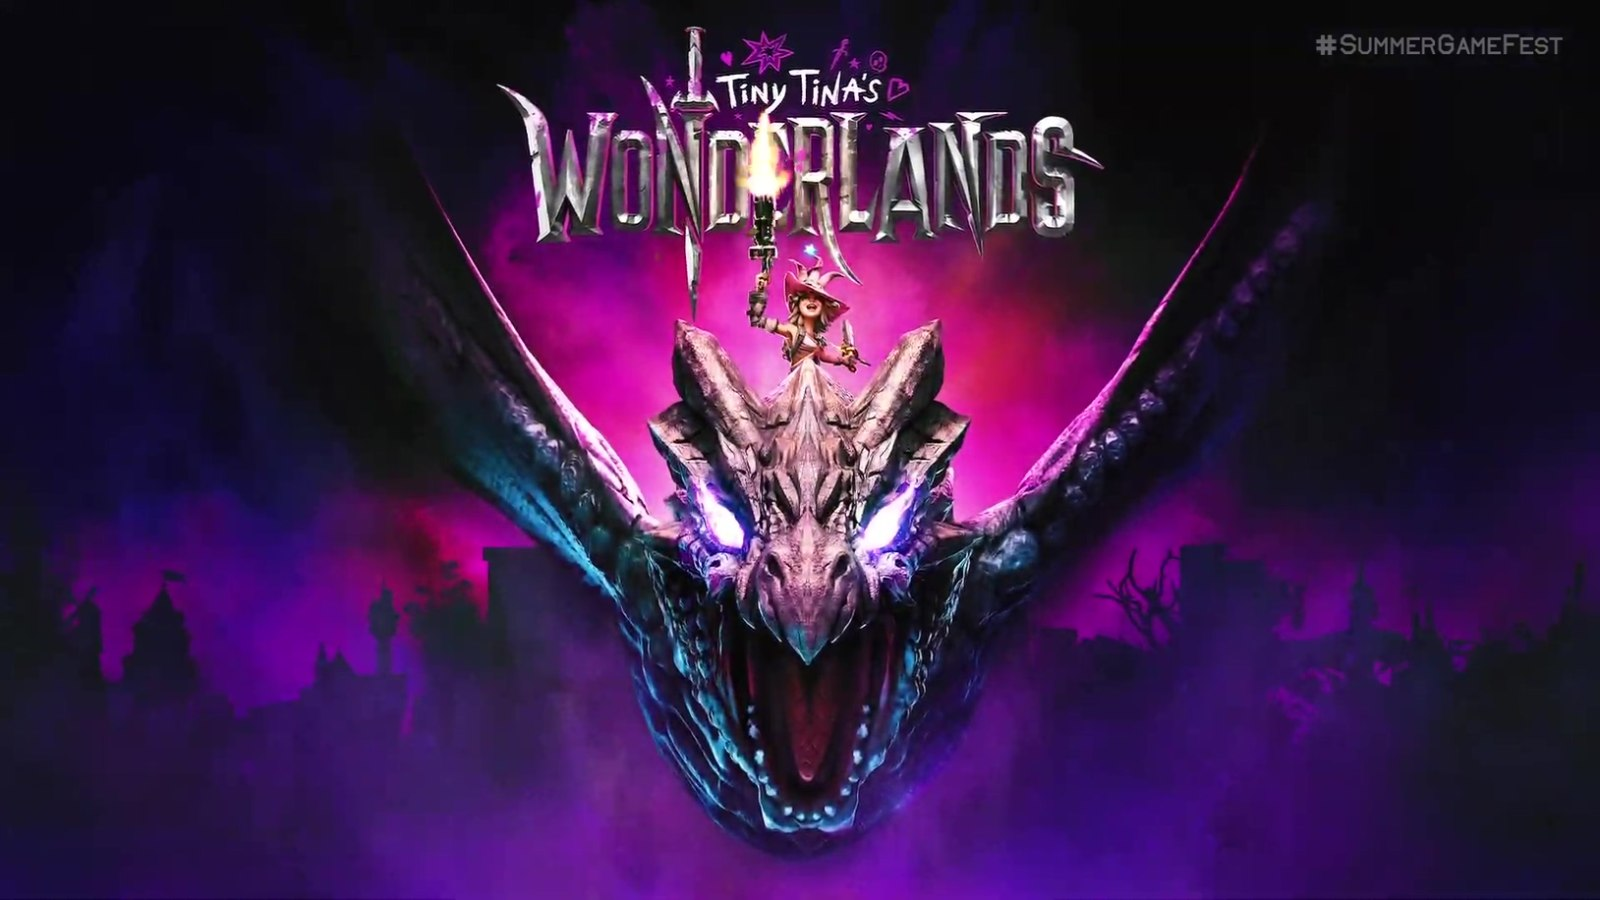 奇妙无比、古灵精怪又高能魔幻的史诗冒险旅程,《小缇娜的奇幻之地》将于2022年发售